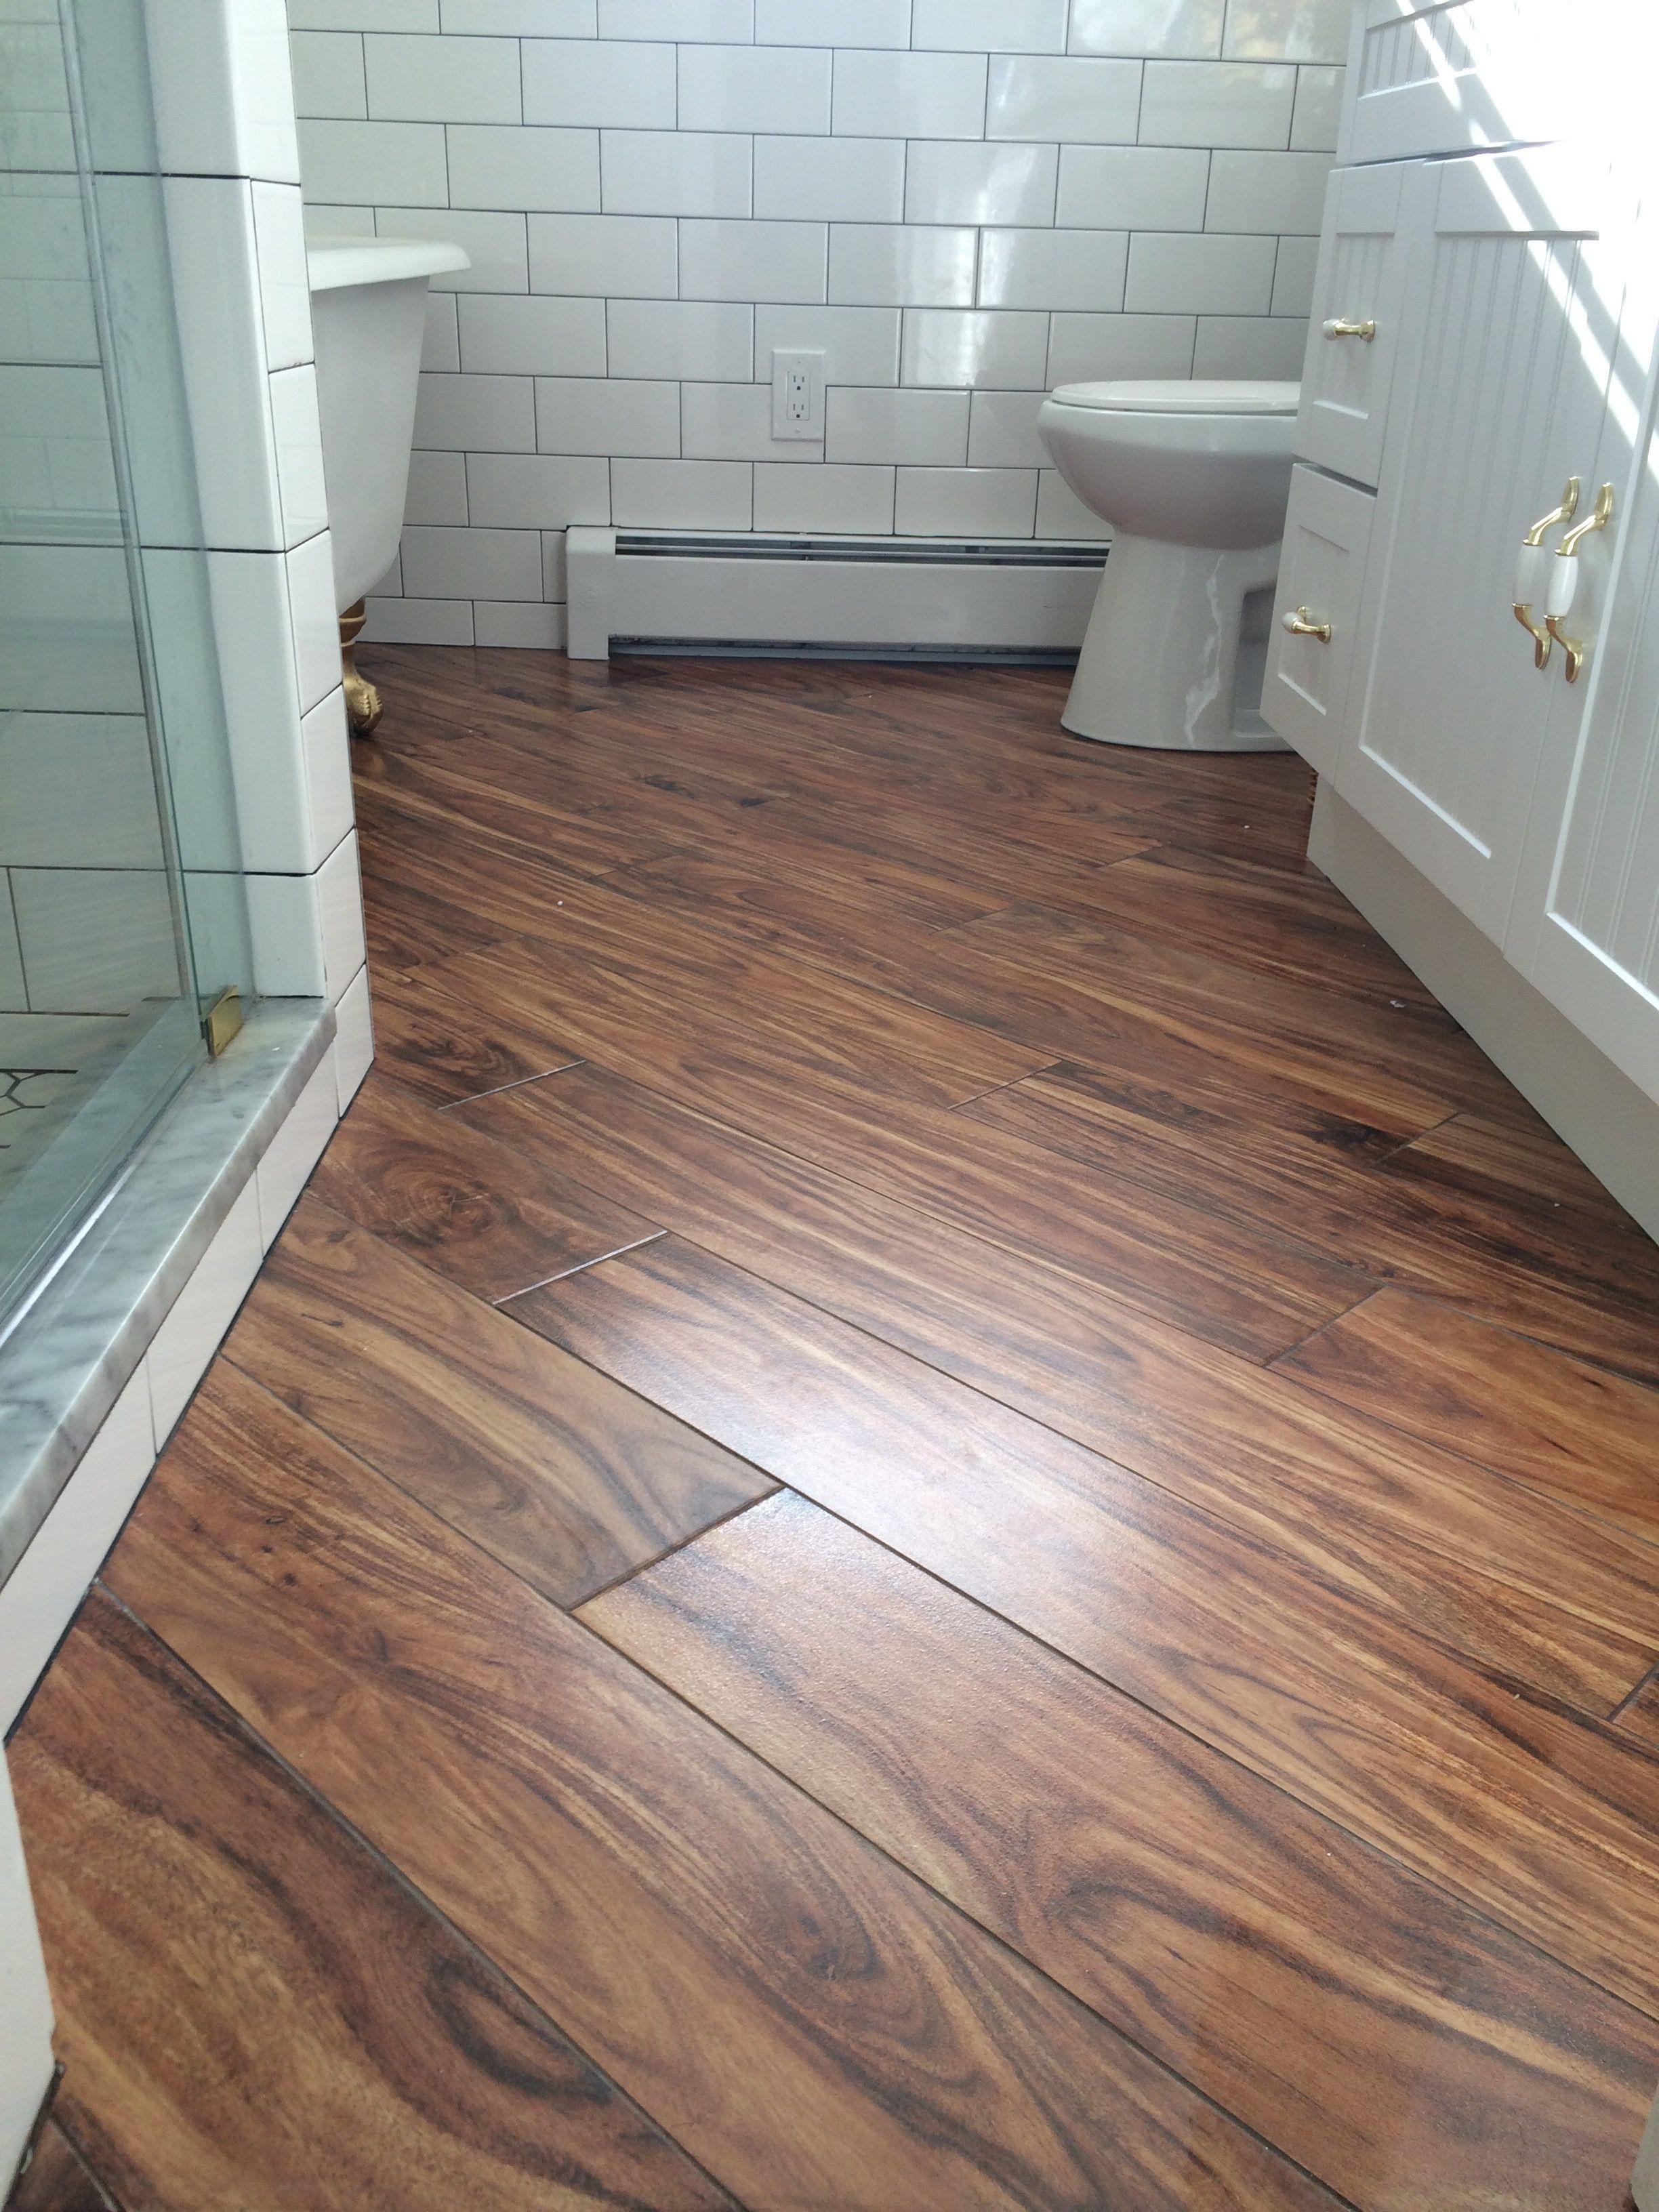 Farmhouse Bathroom Porcelain Wood Tile On A Diagonal